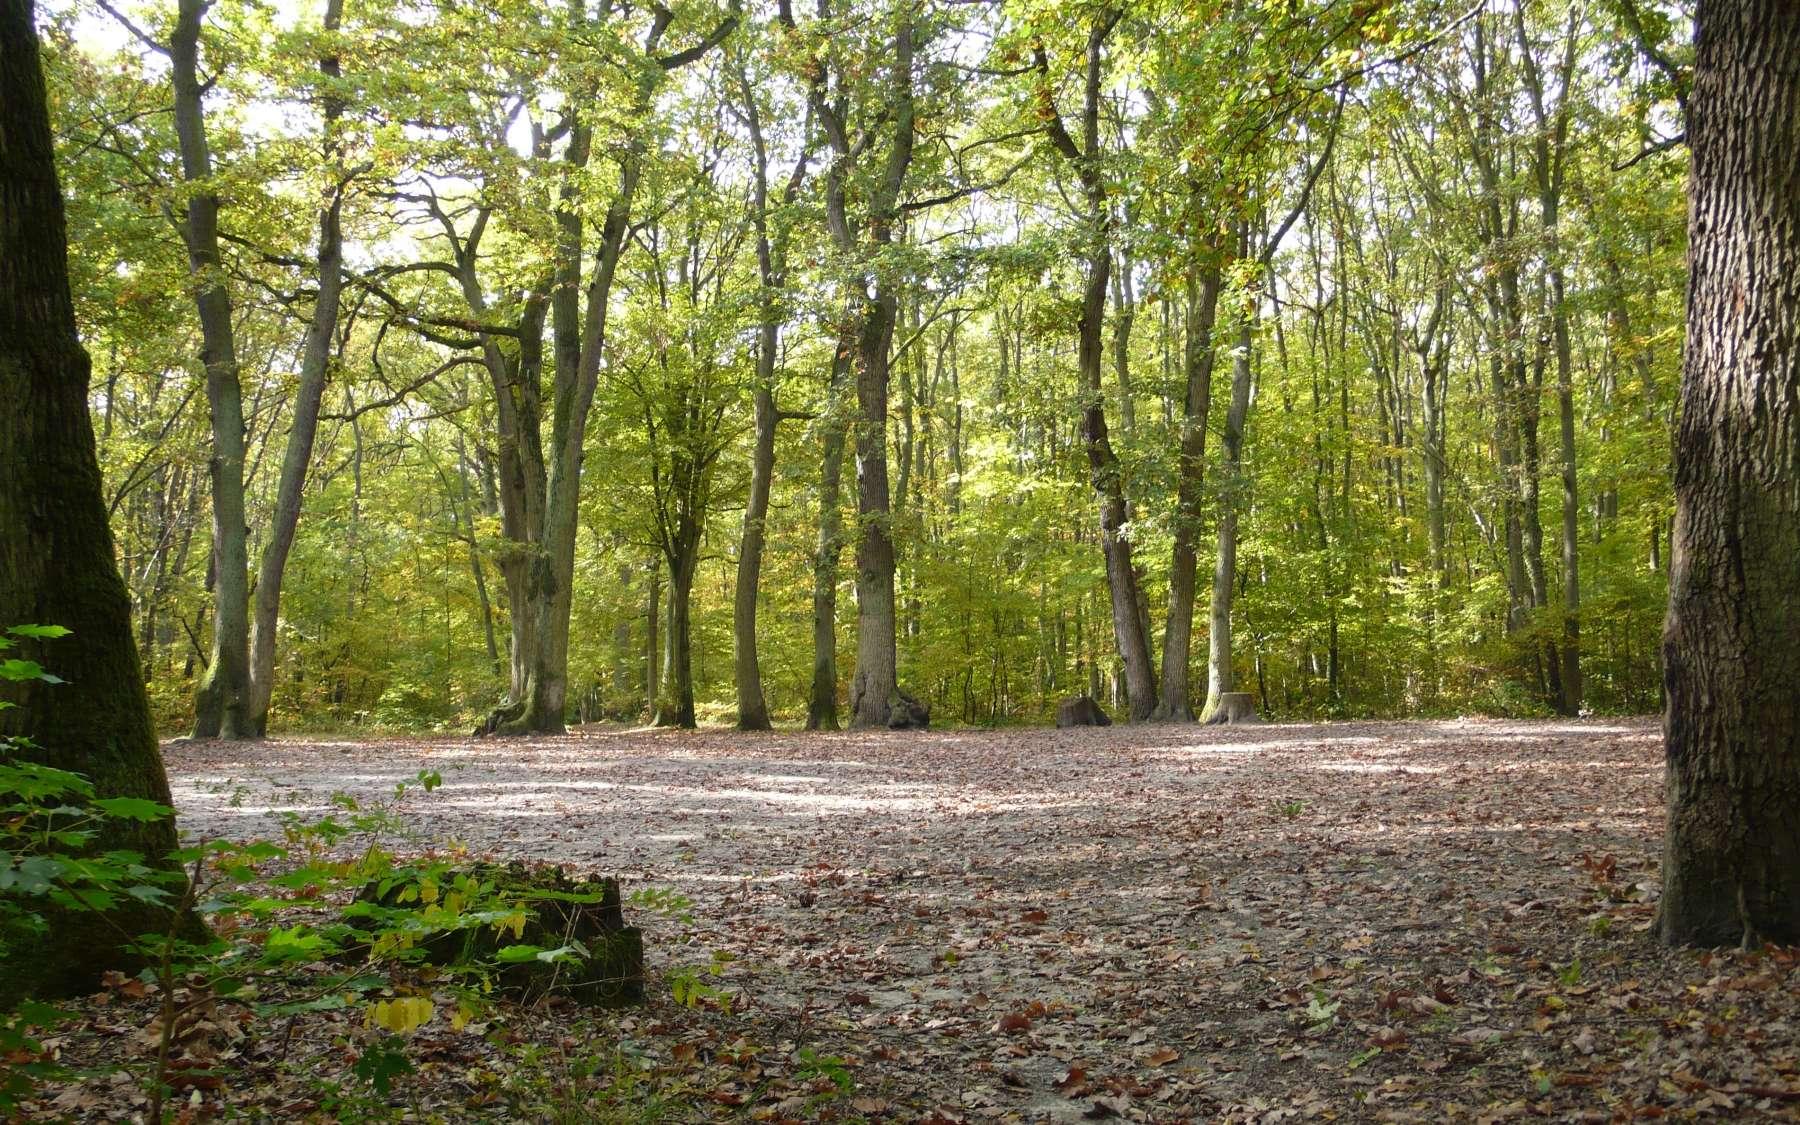 Les forêts des régions tempérées (ici une chênaie-hêtraie d'Île-de-France) représentent 22 % du nombre d'arbres dans le monde. © Jean-Luc Goudet, Futura-Sciences